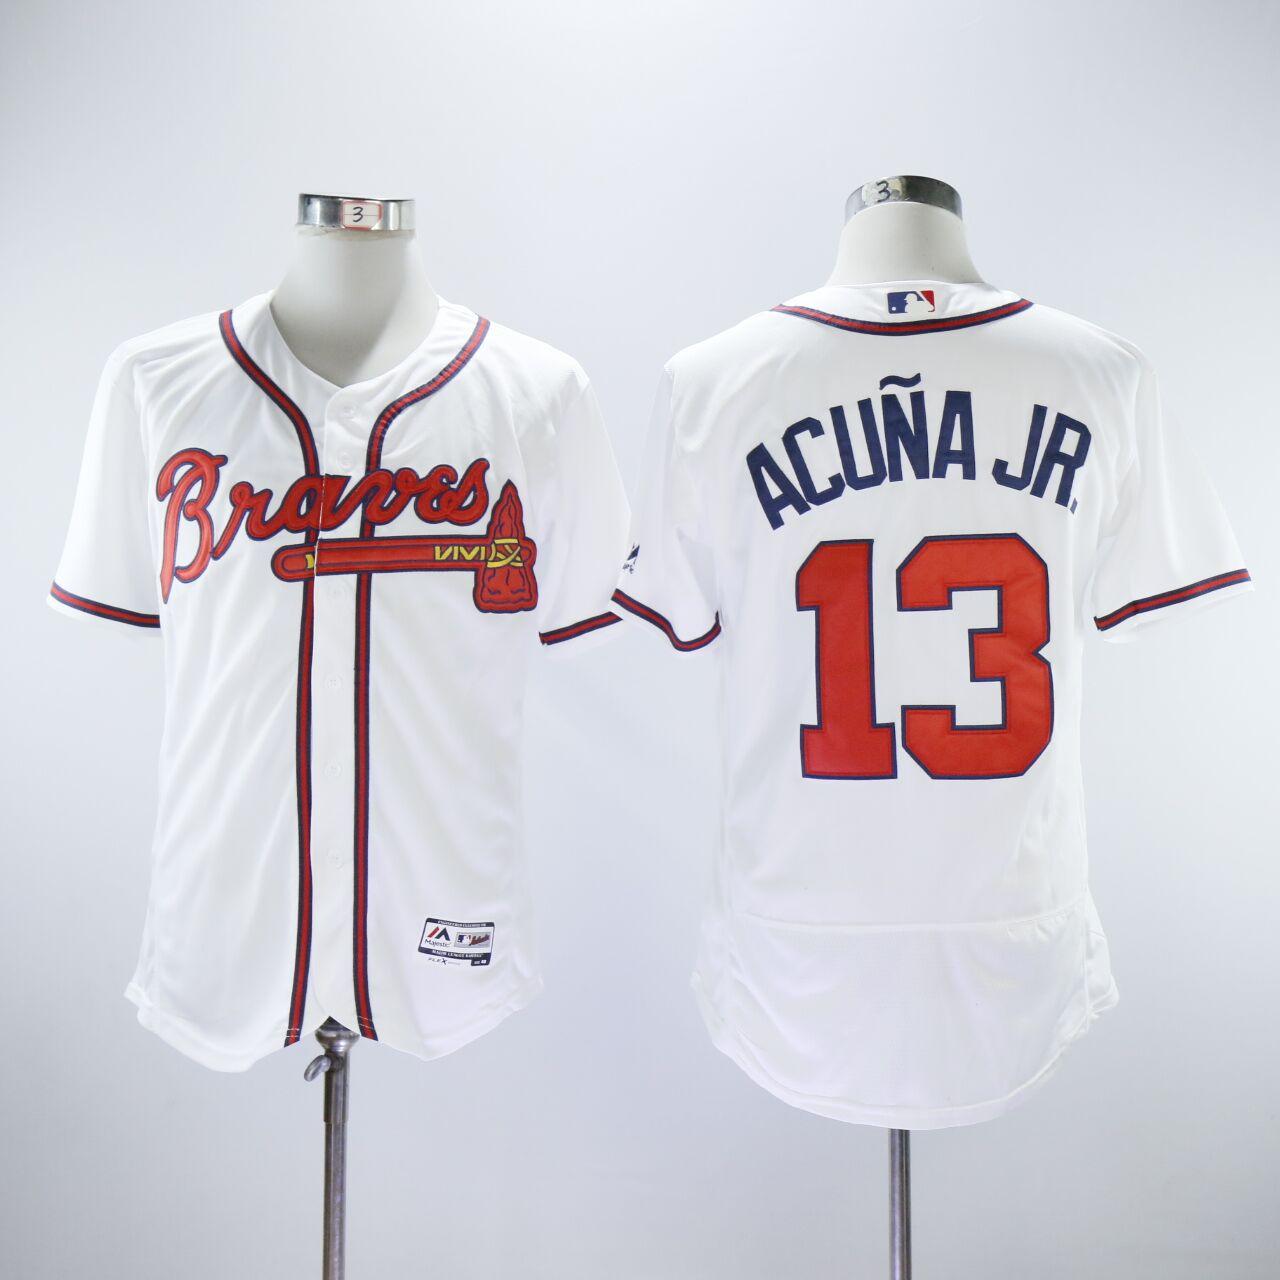 Braves 13 Ronald Acuna Jr. White Flexbase Jersey